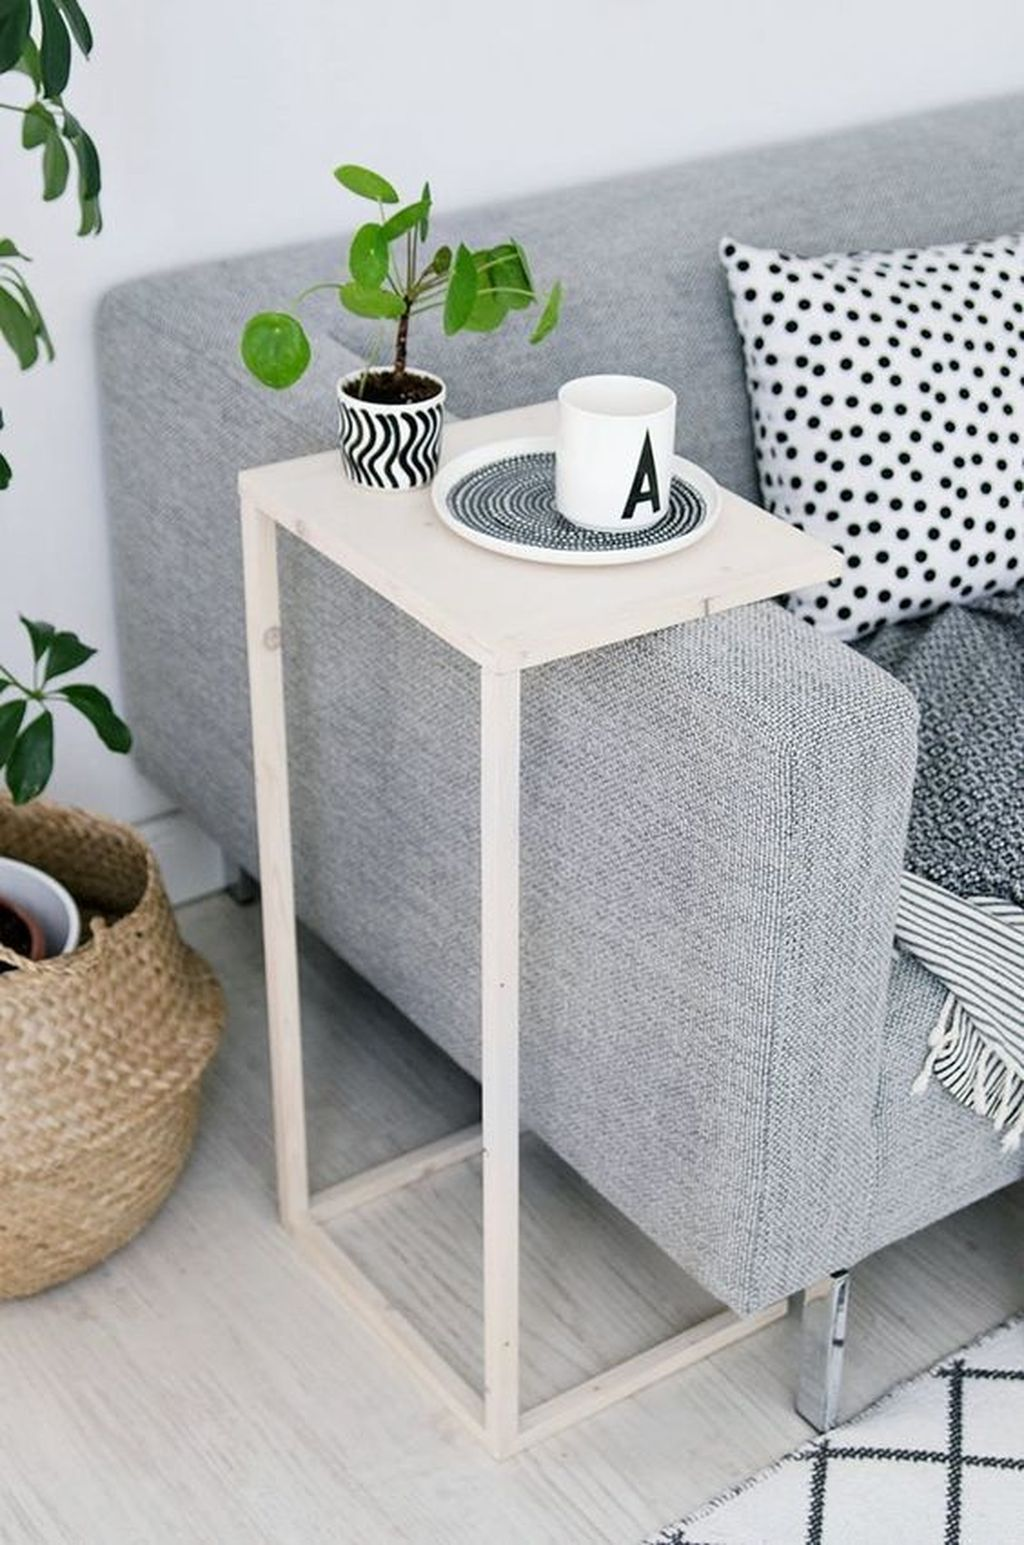 Brilliant Tiny Apartment Decorating Ideas You Should Copy 31